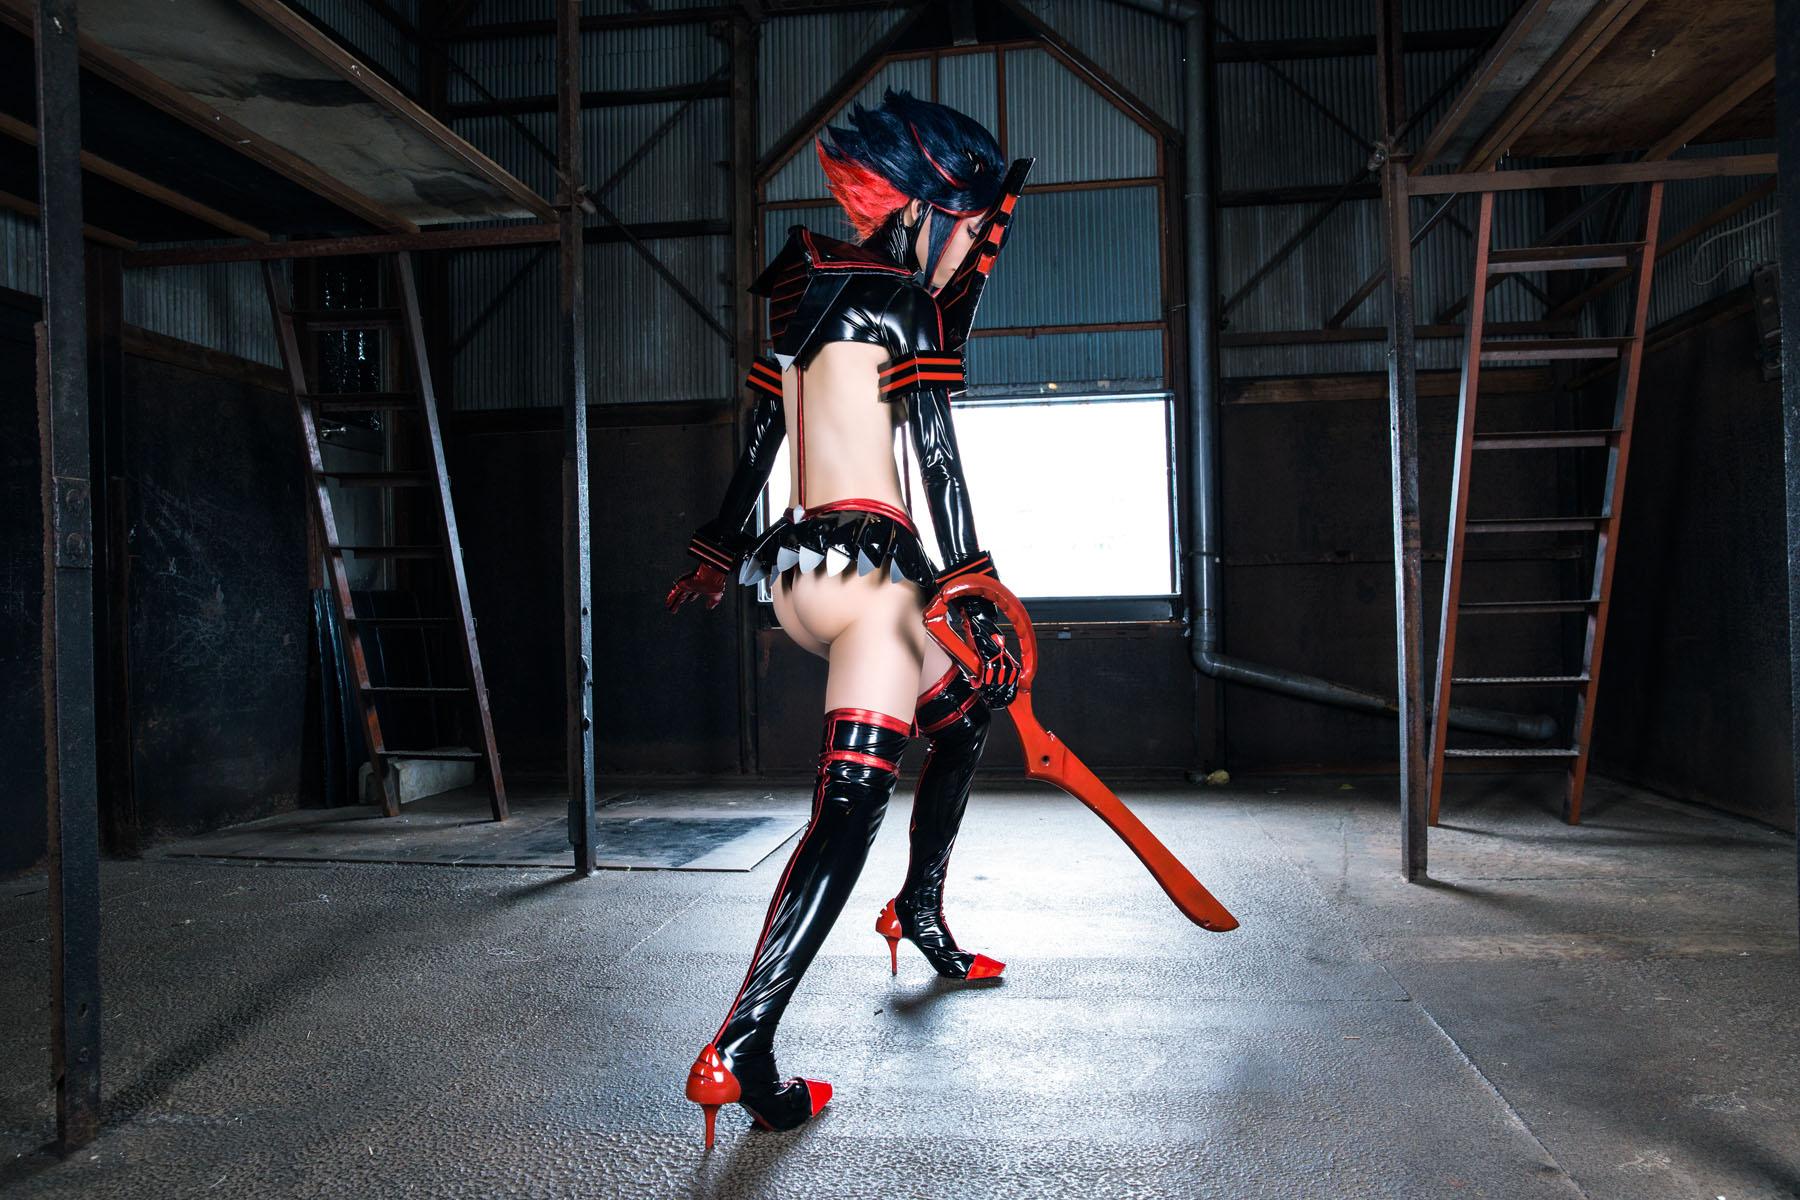 Kill la Kill Ryuuko Matoi anime cosplay by Mikehouse 0088